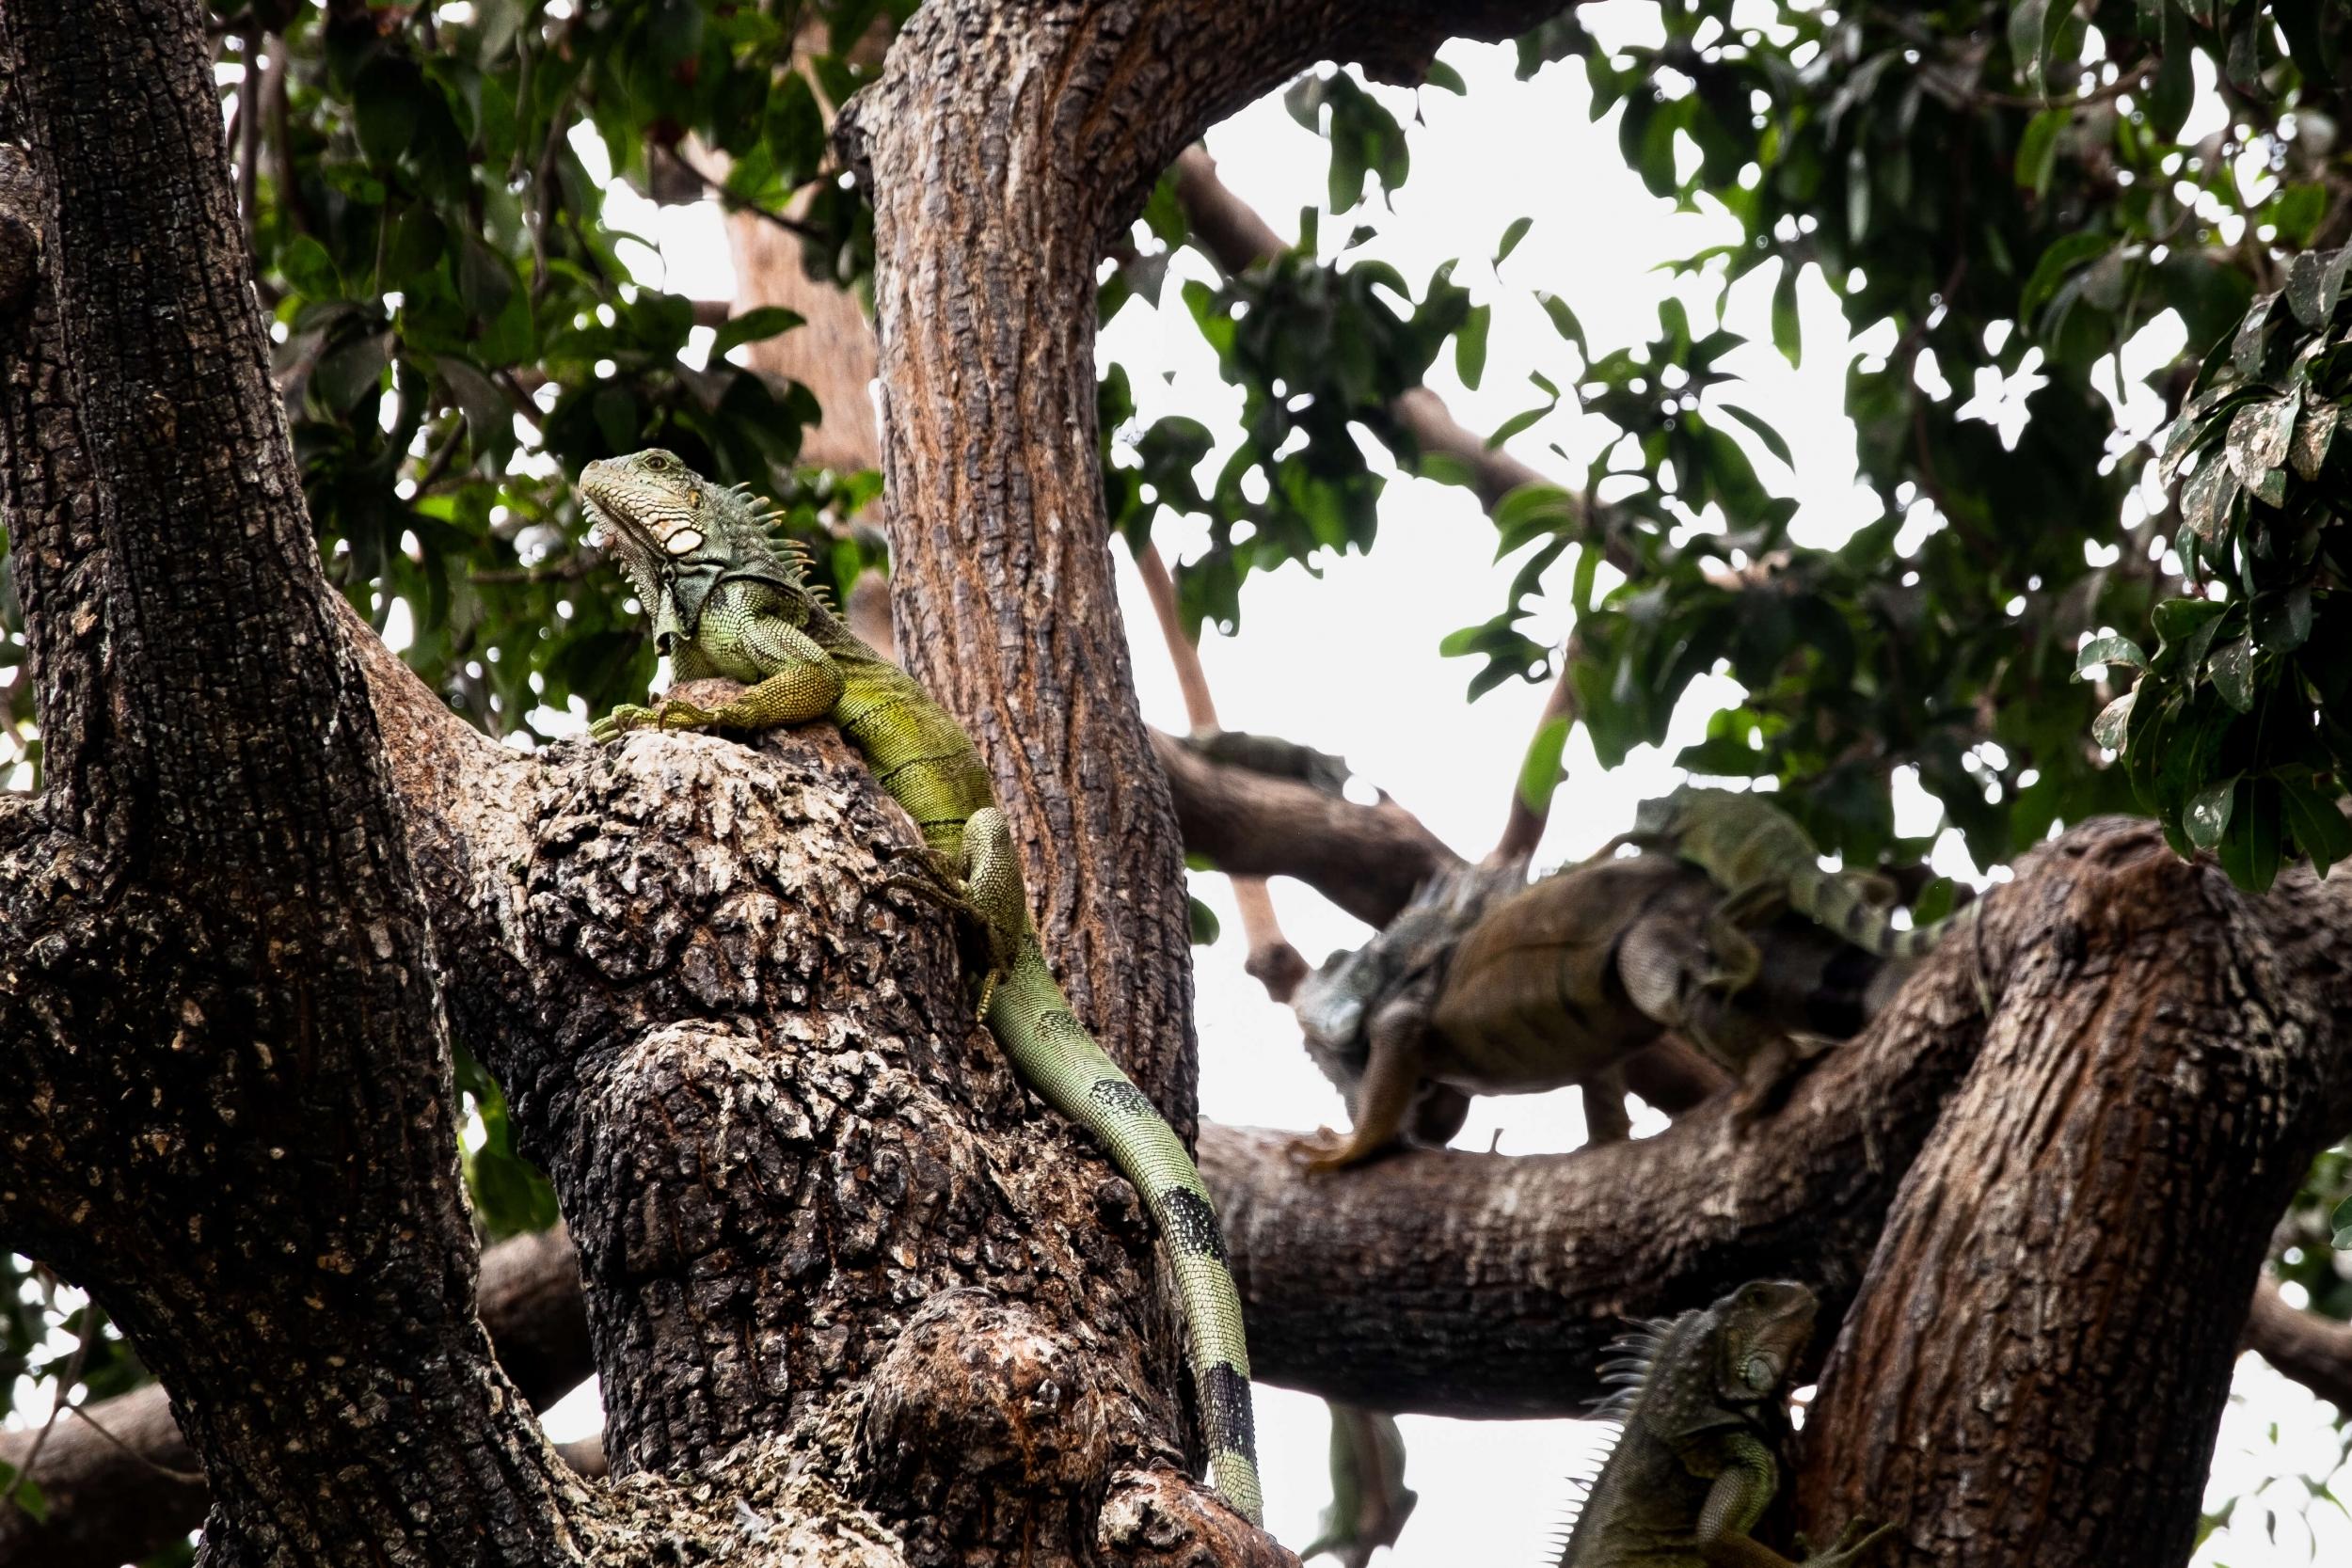 Iguanes, Parc de Iguanes, Guayaquil, Amérique du sud, las Peñas, Blog de voyage, Blog de photographie, Voyage en Equateur